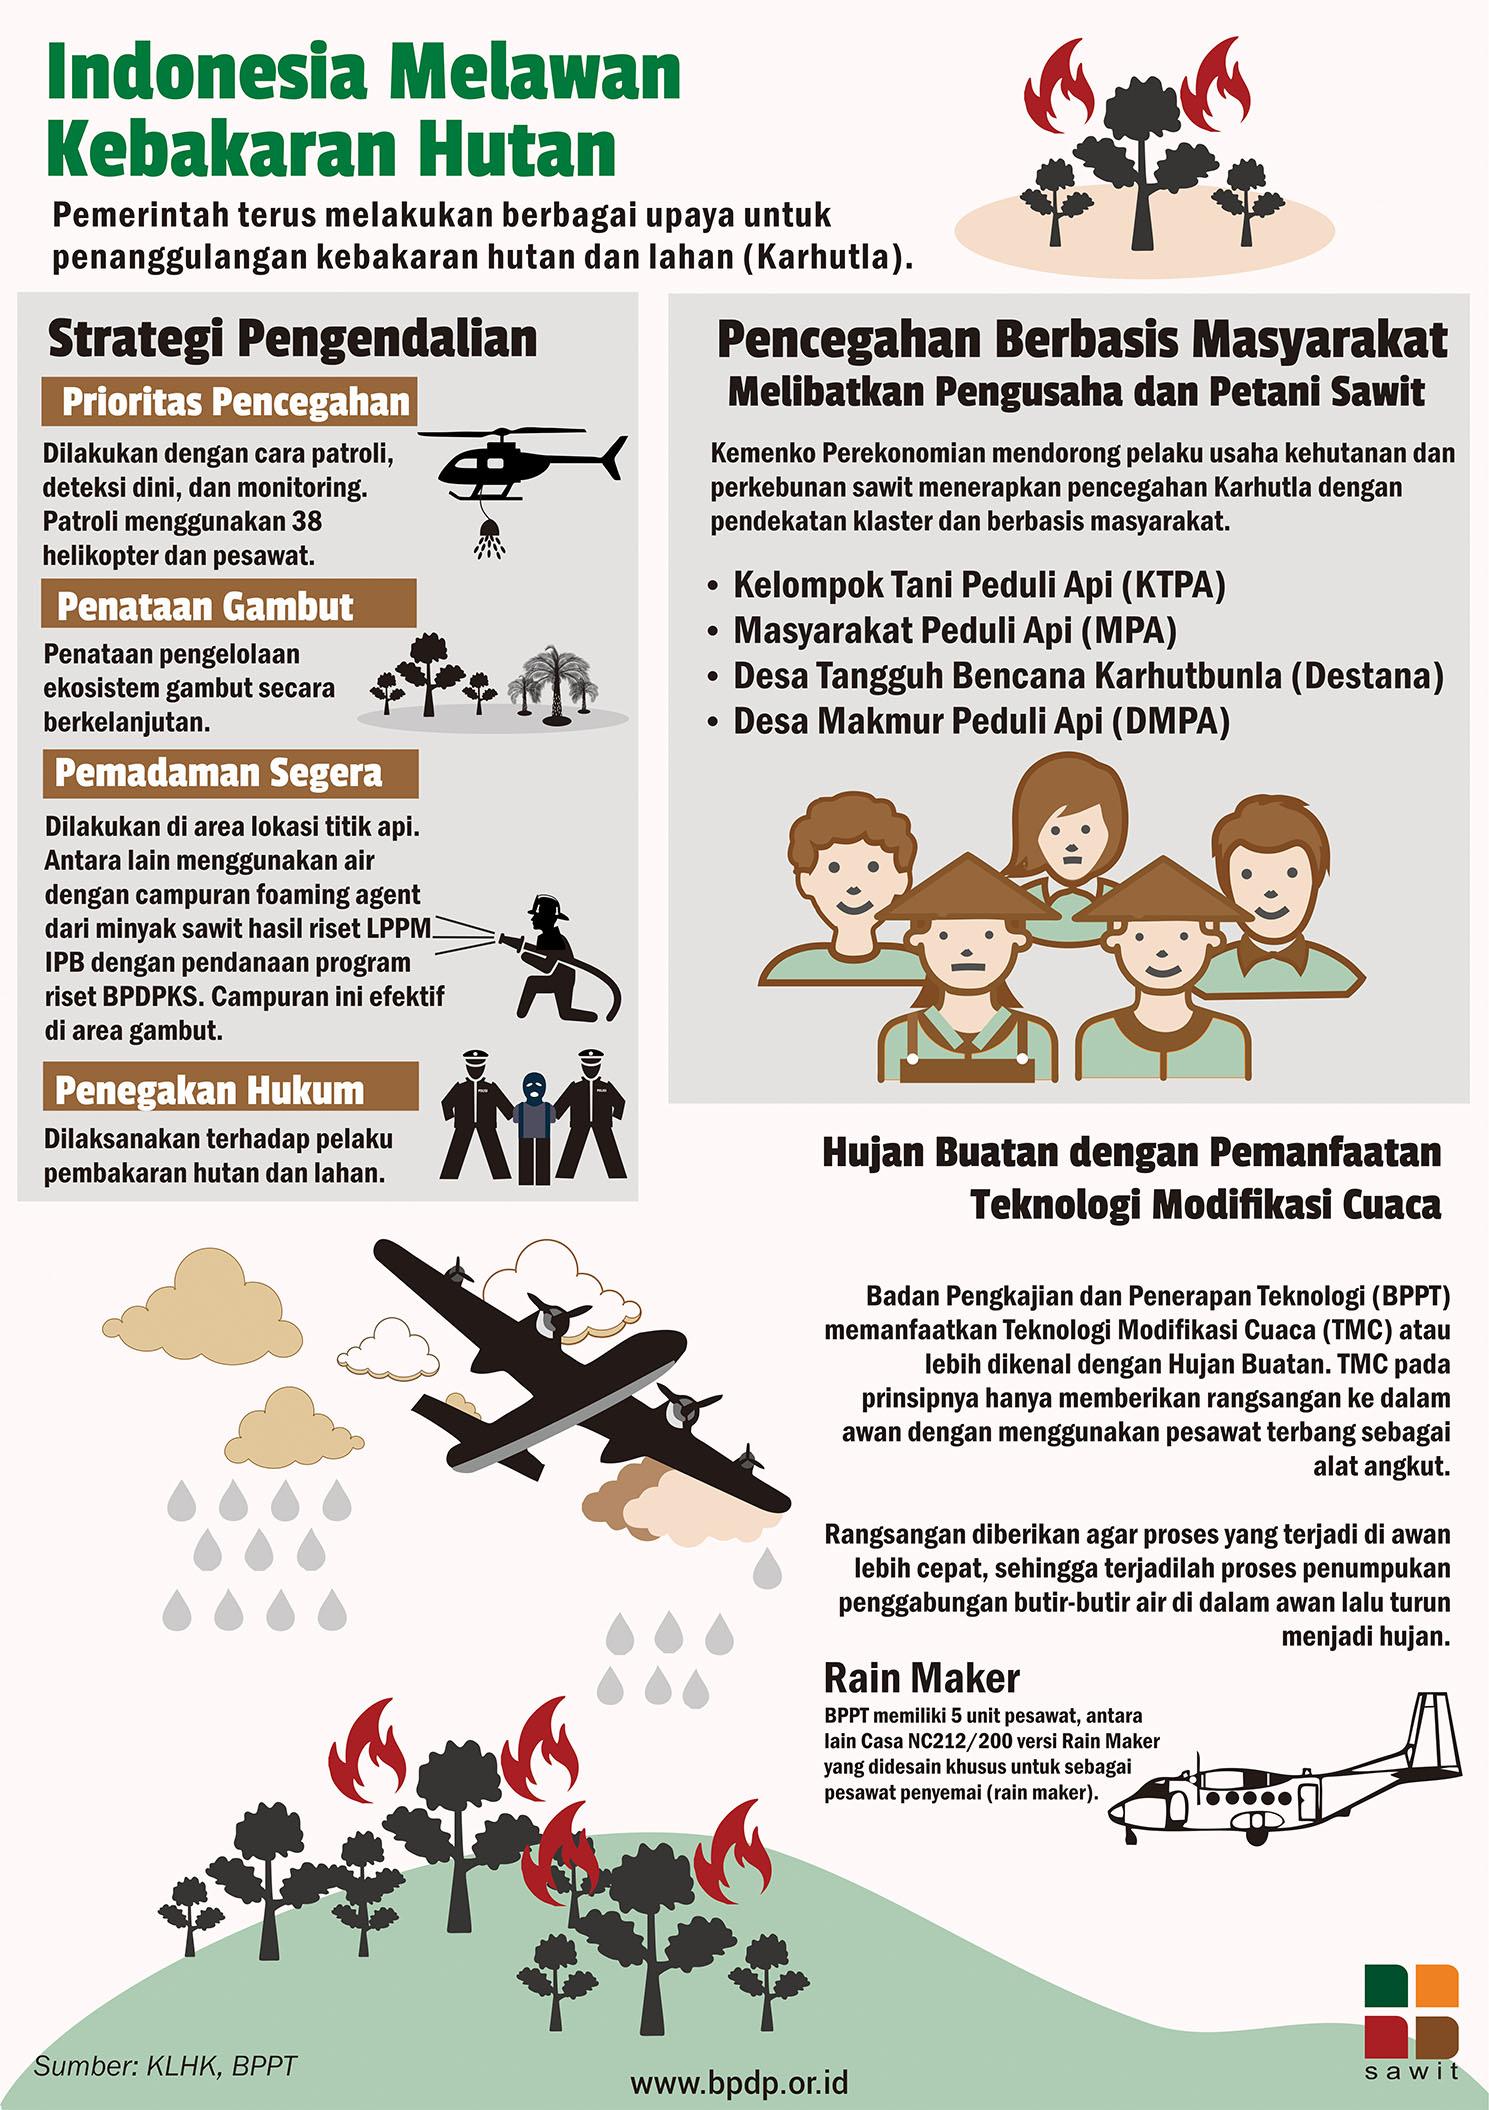 Indonesia Melawan Kebakaran Hutan